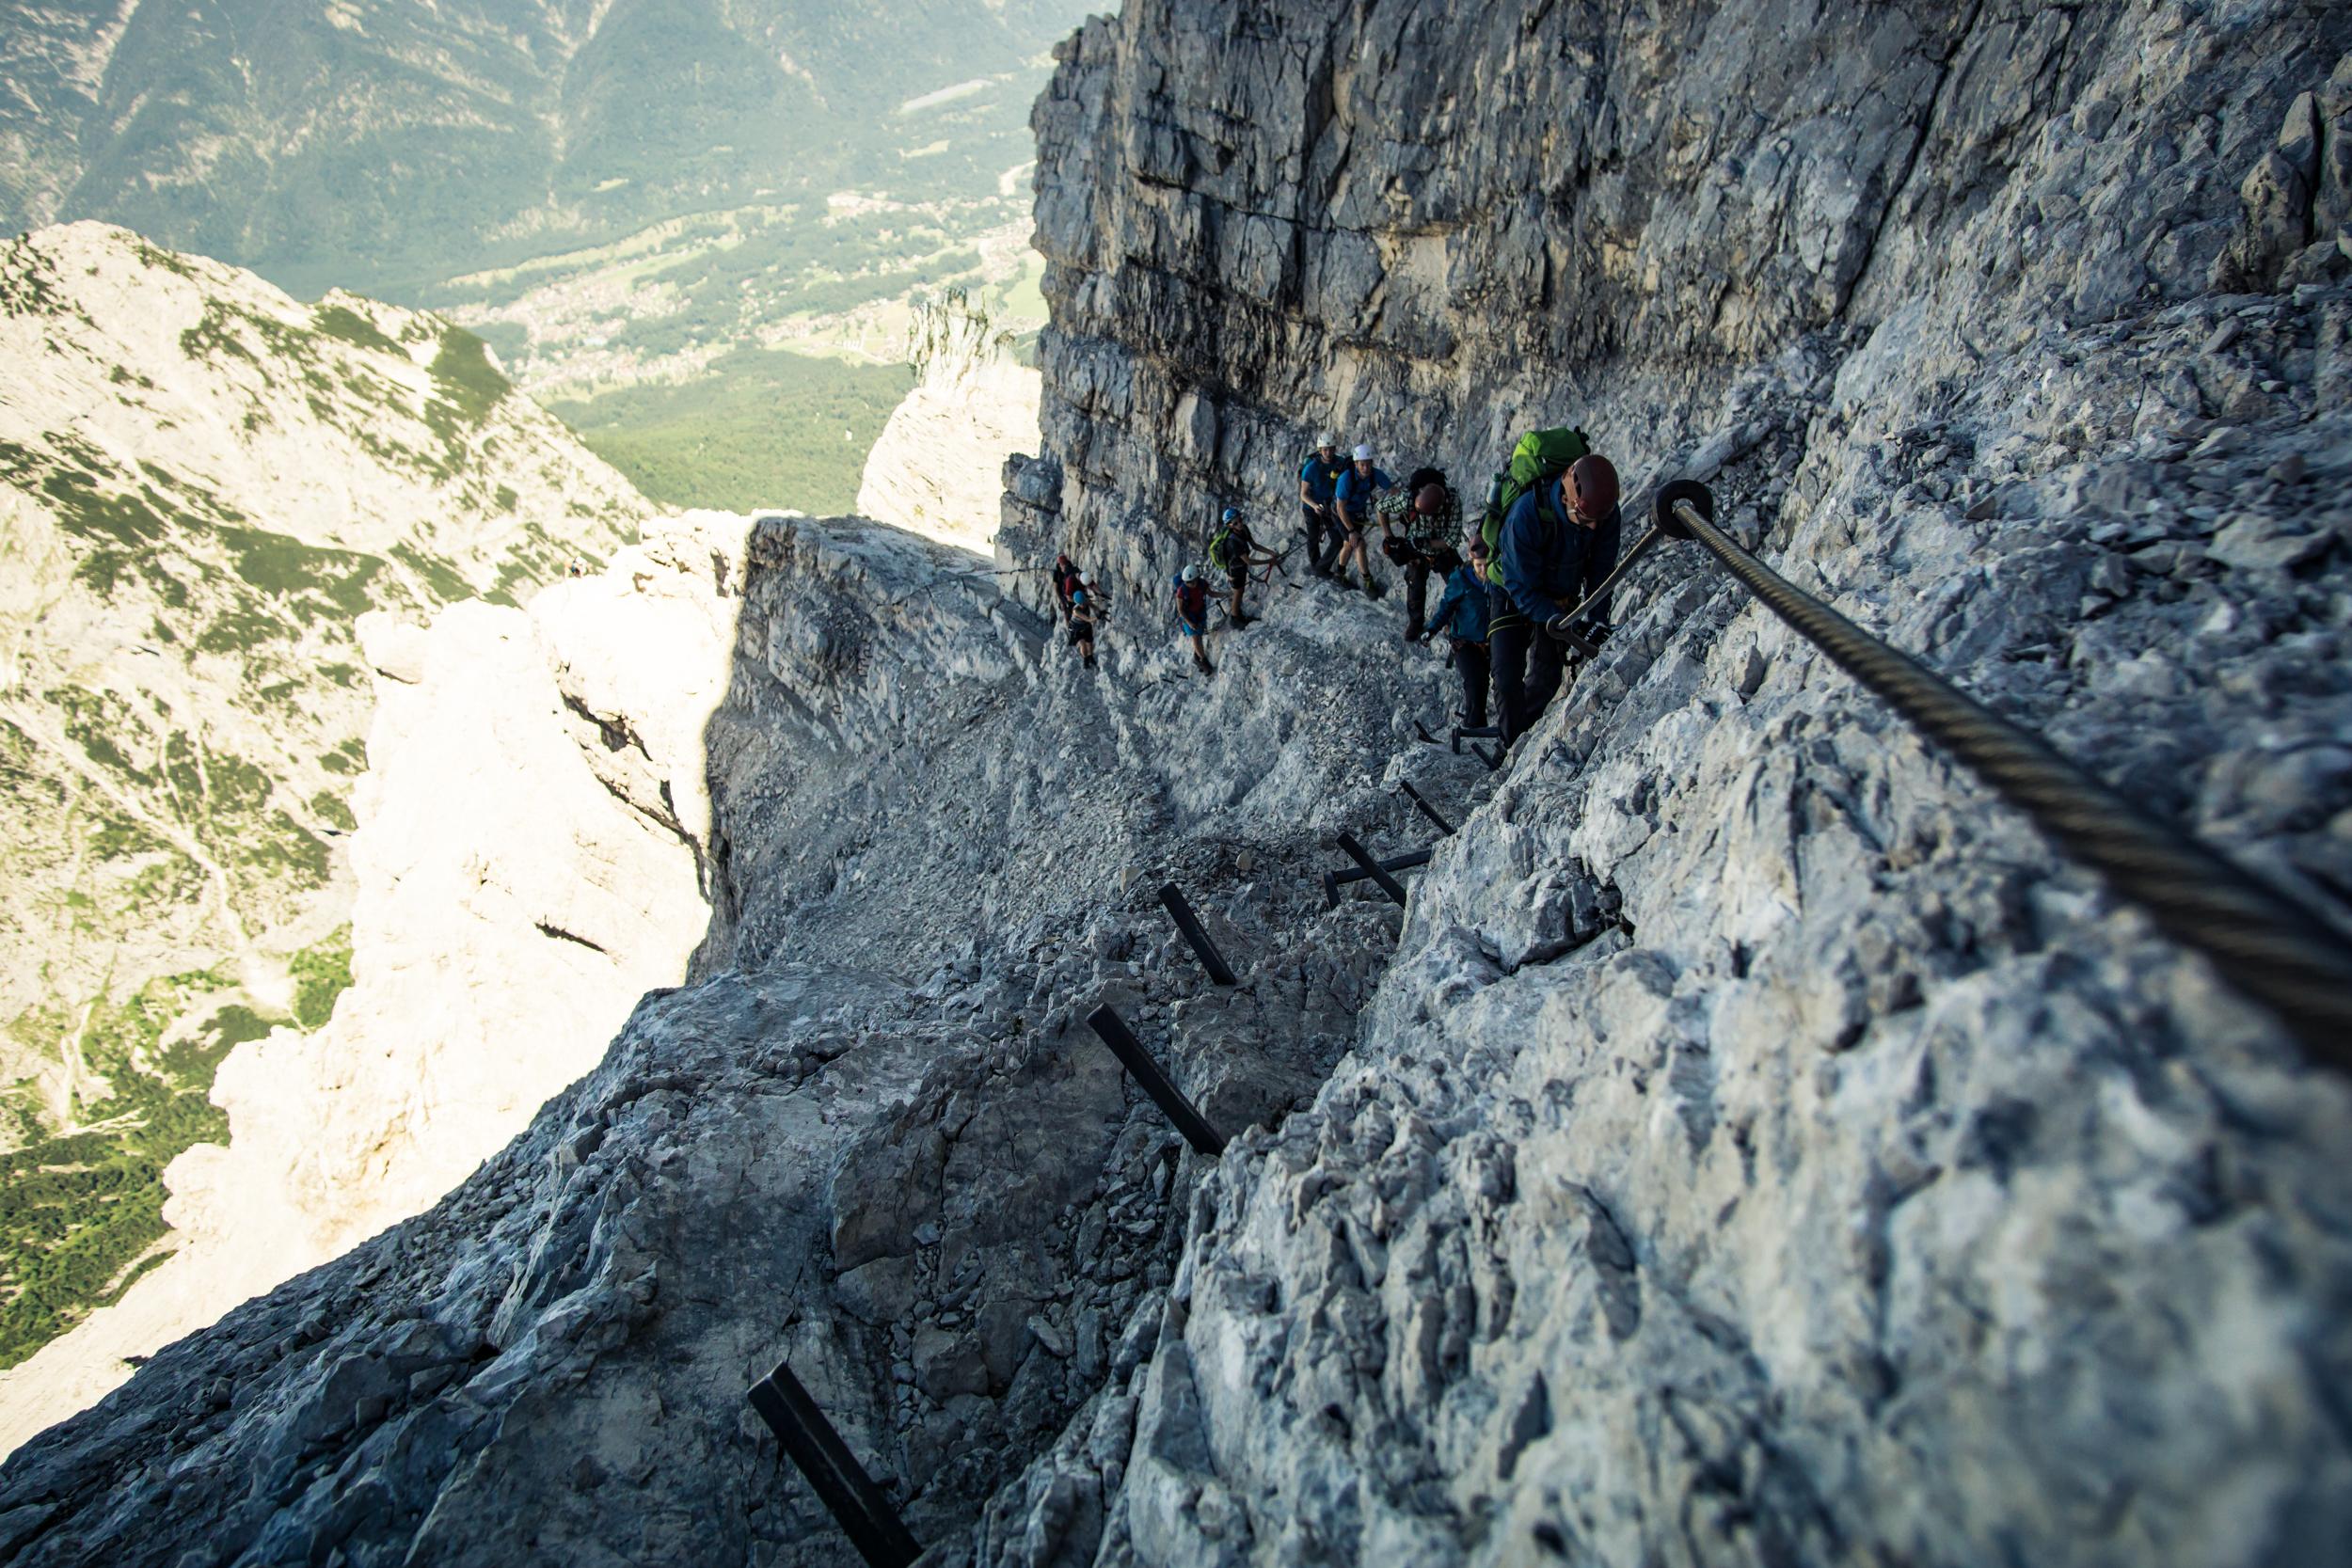 Klettersteig Grade : Klettersteige in bayern die top